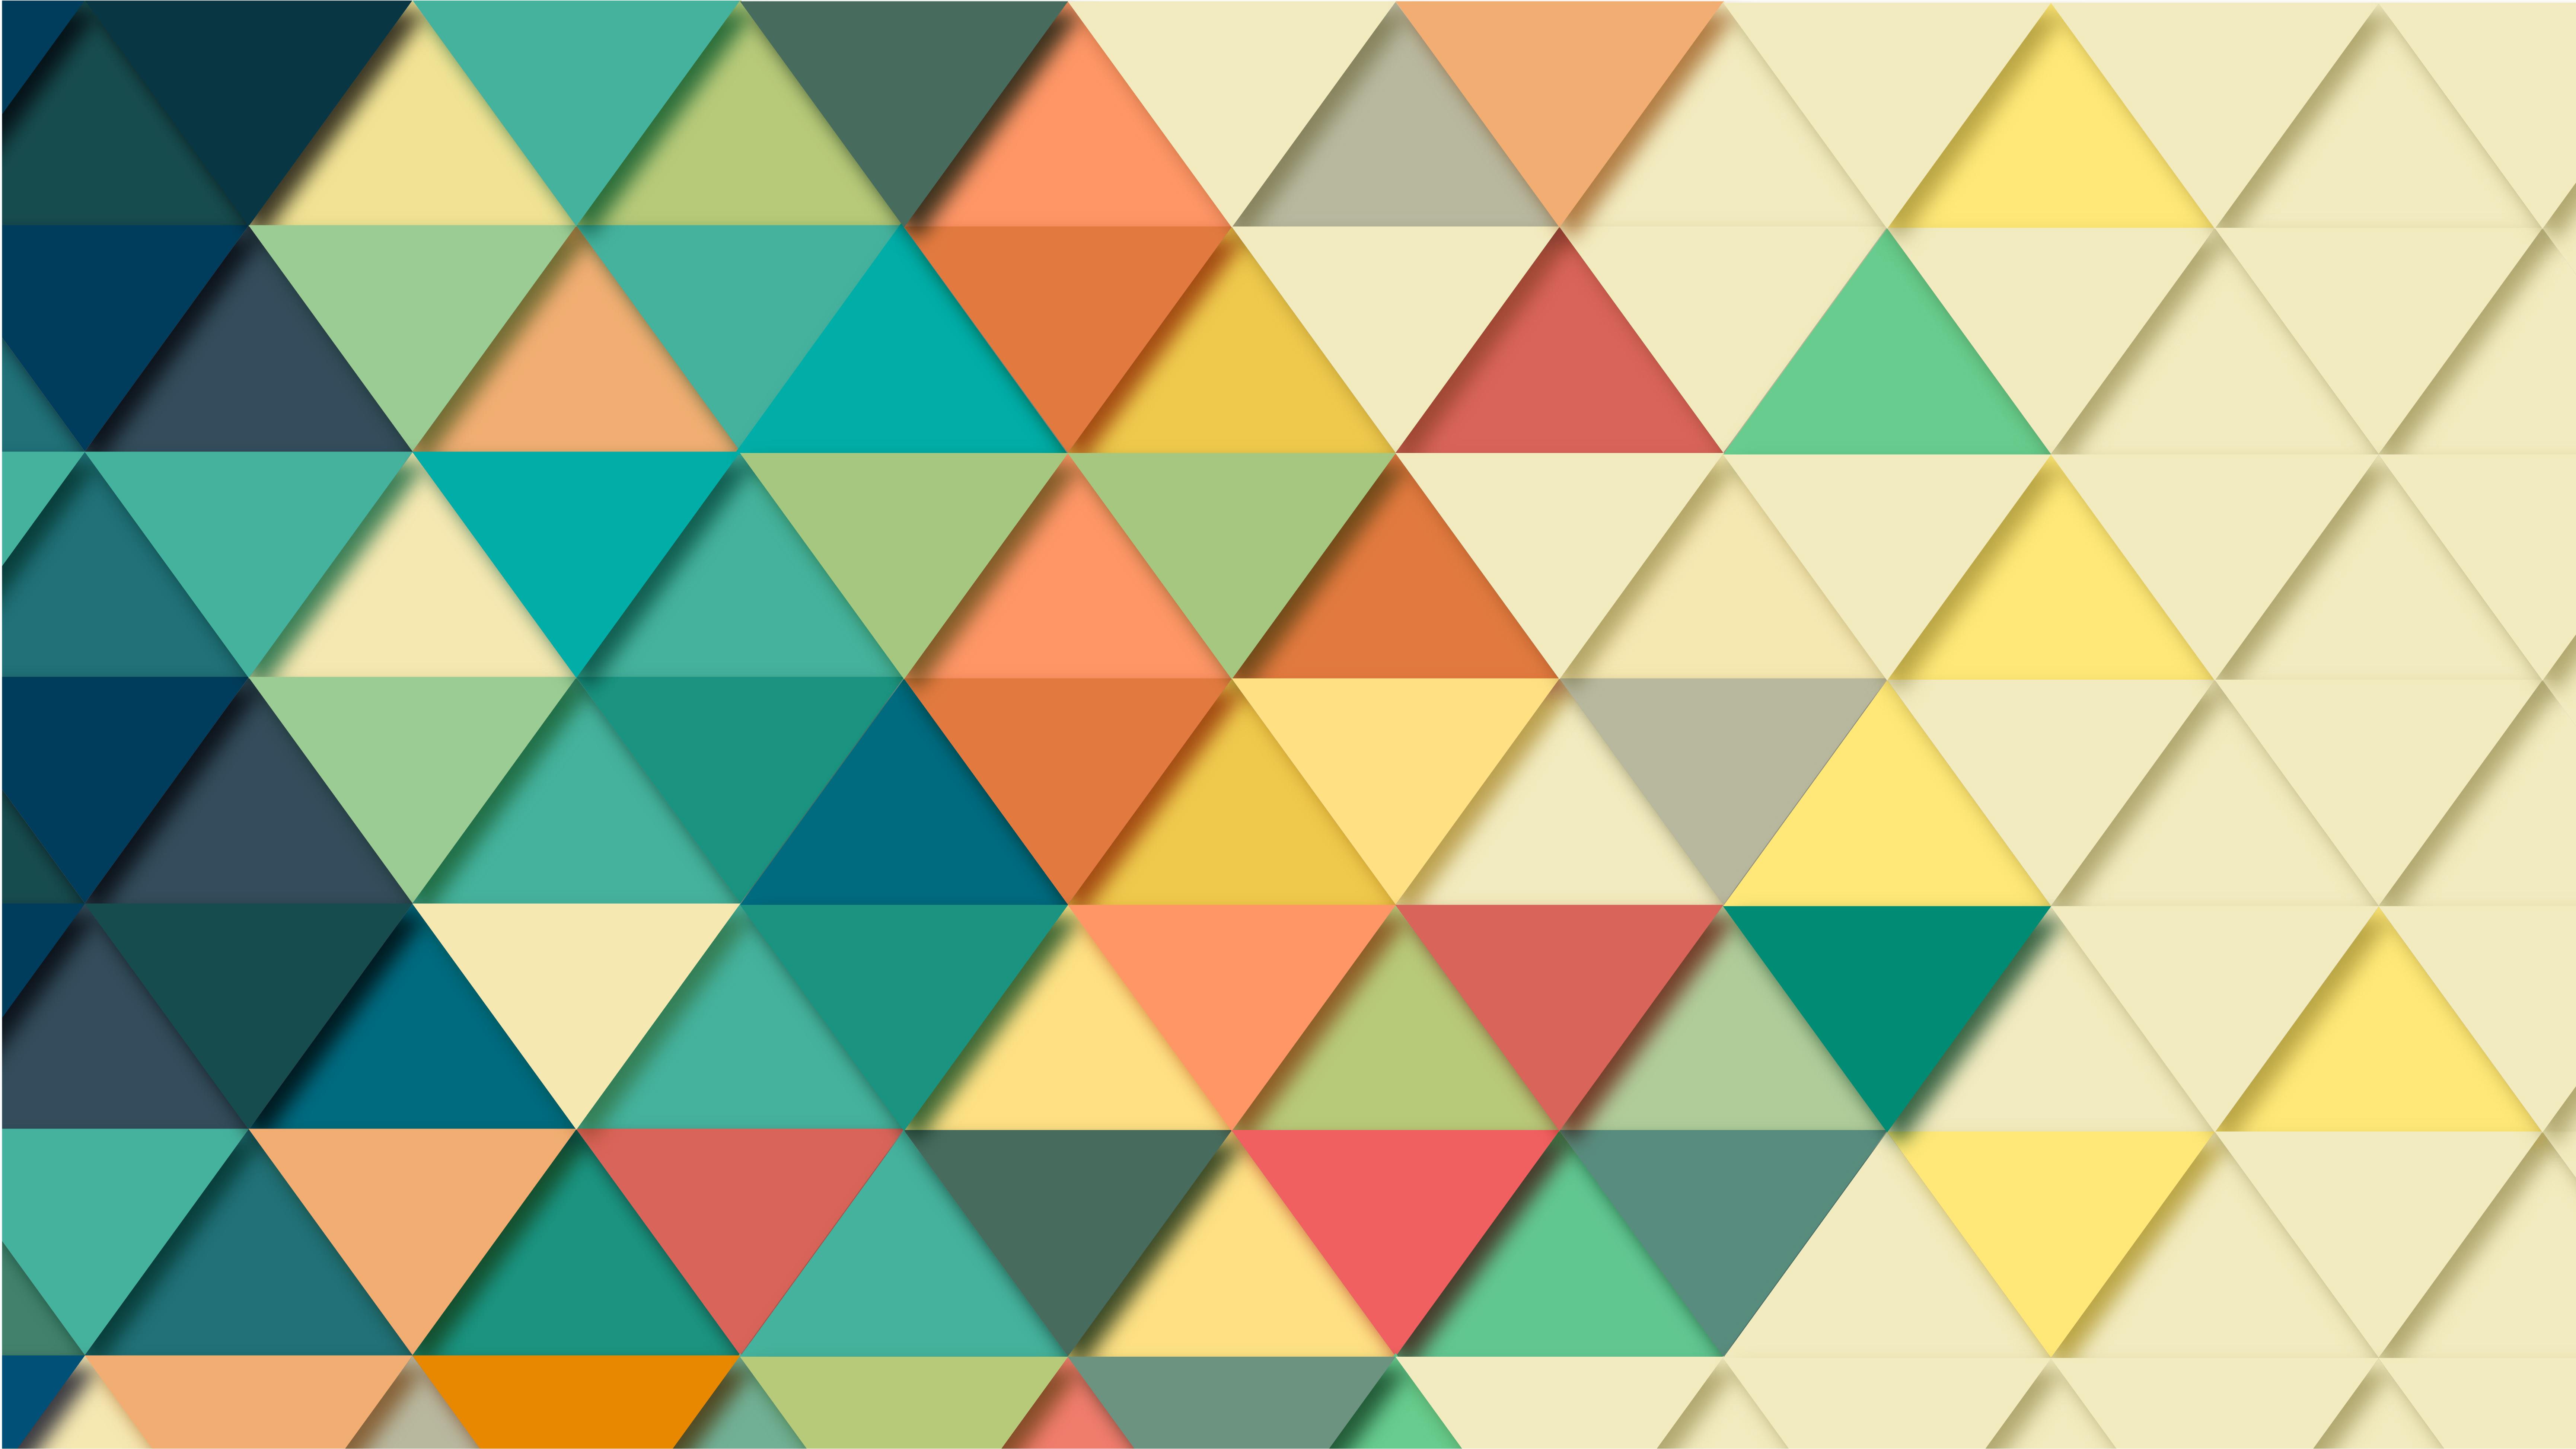 multicoloured triangles in a pattern 5k retina ultra hd